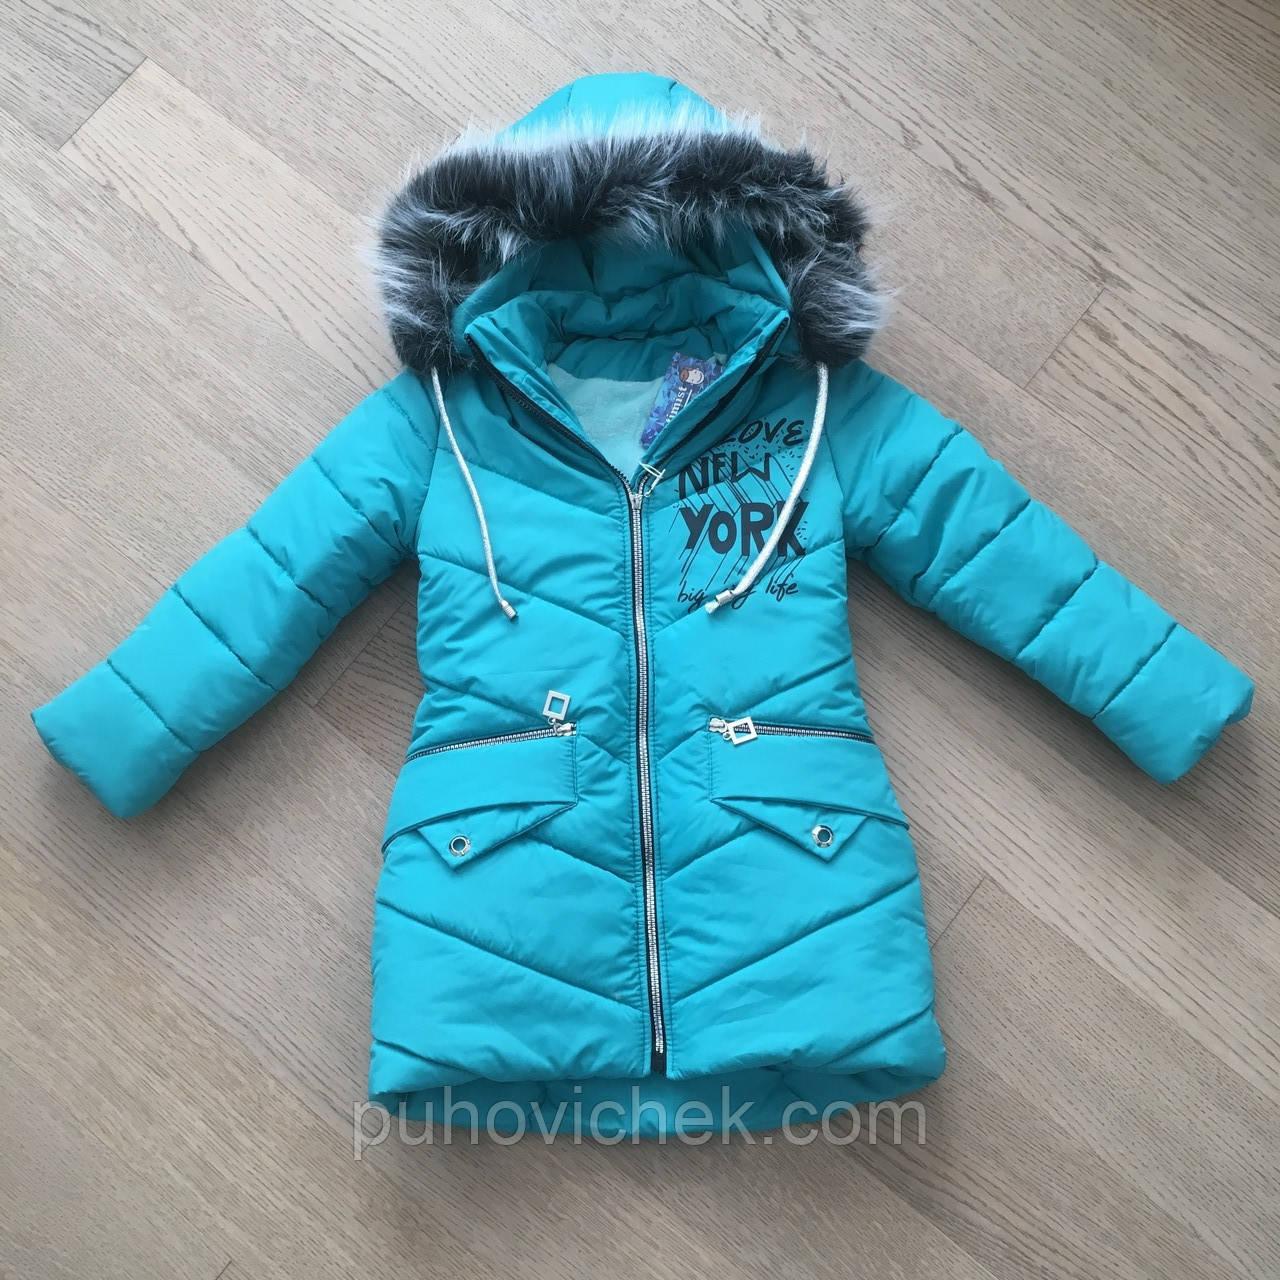 Зимний детский пуховик для девочки хорошего качества интернет магазин